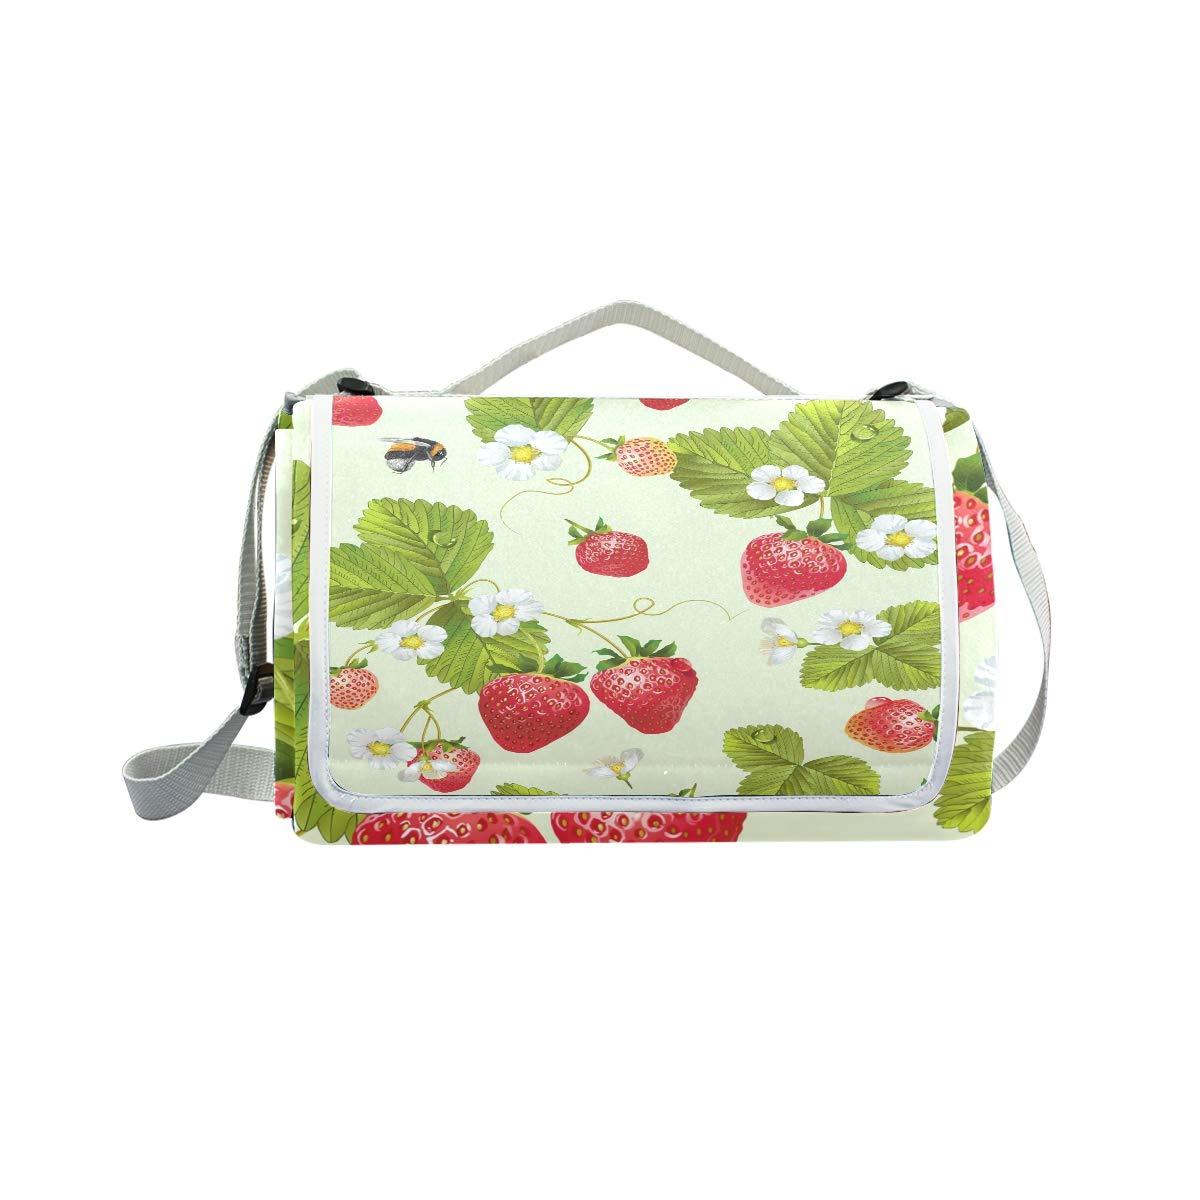 Jeansame Cute Strawberry Tea Fruit api Fiori Floreale Picnic Mat Coperta da Picnic, da Campeggio per Outdoor Viaggio Yoga Escursionismo Impermeabile Portatile Pieghevole 150 x 145 cm